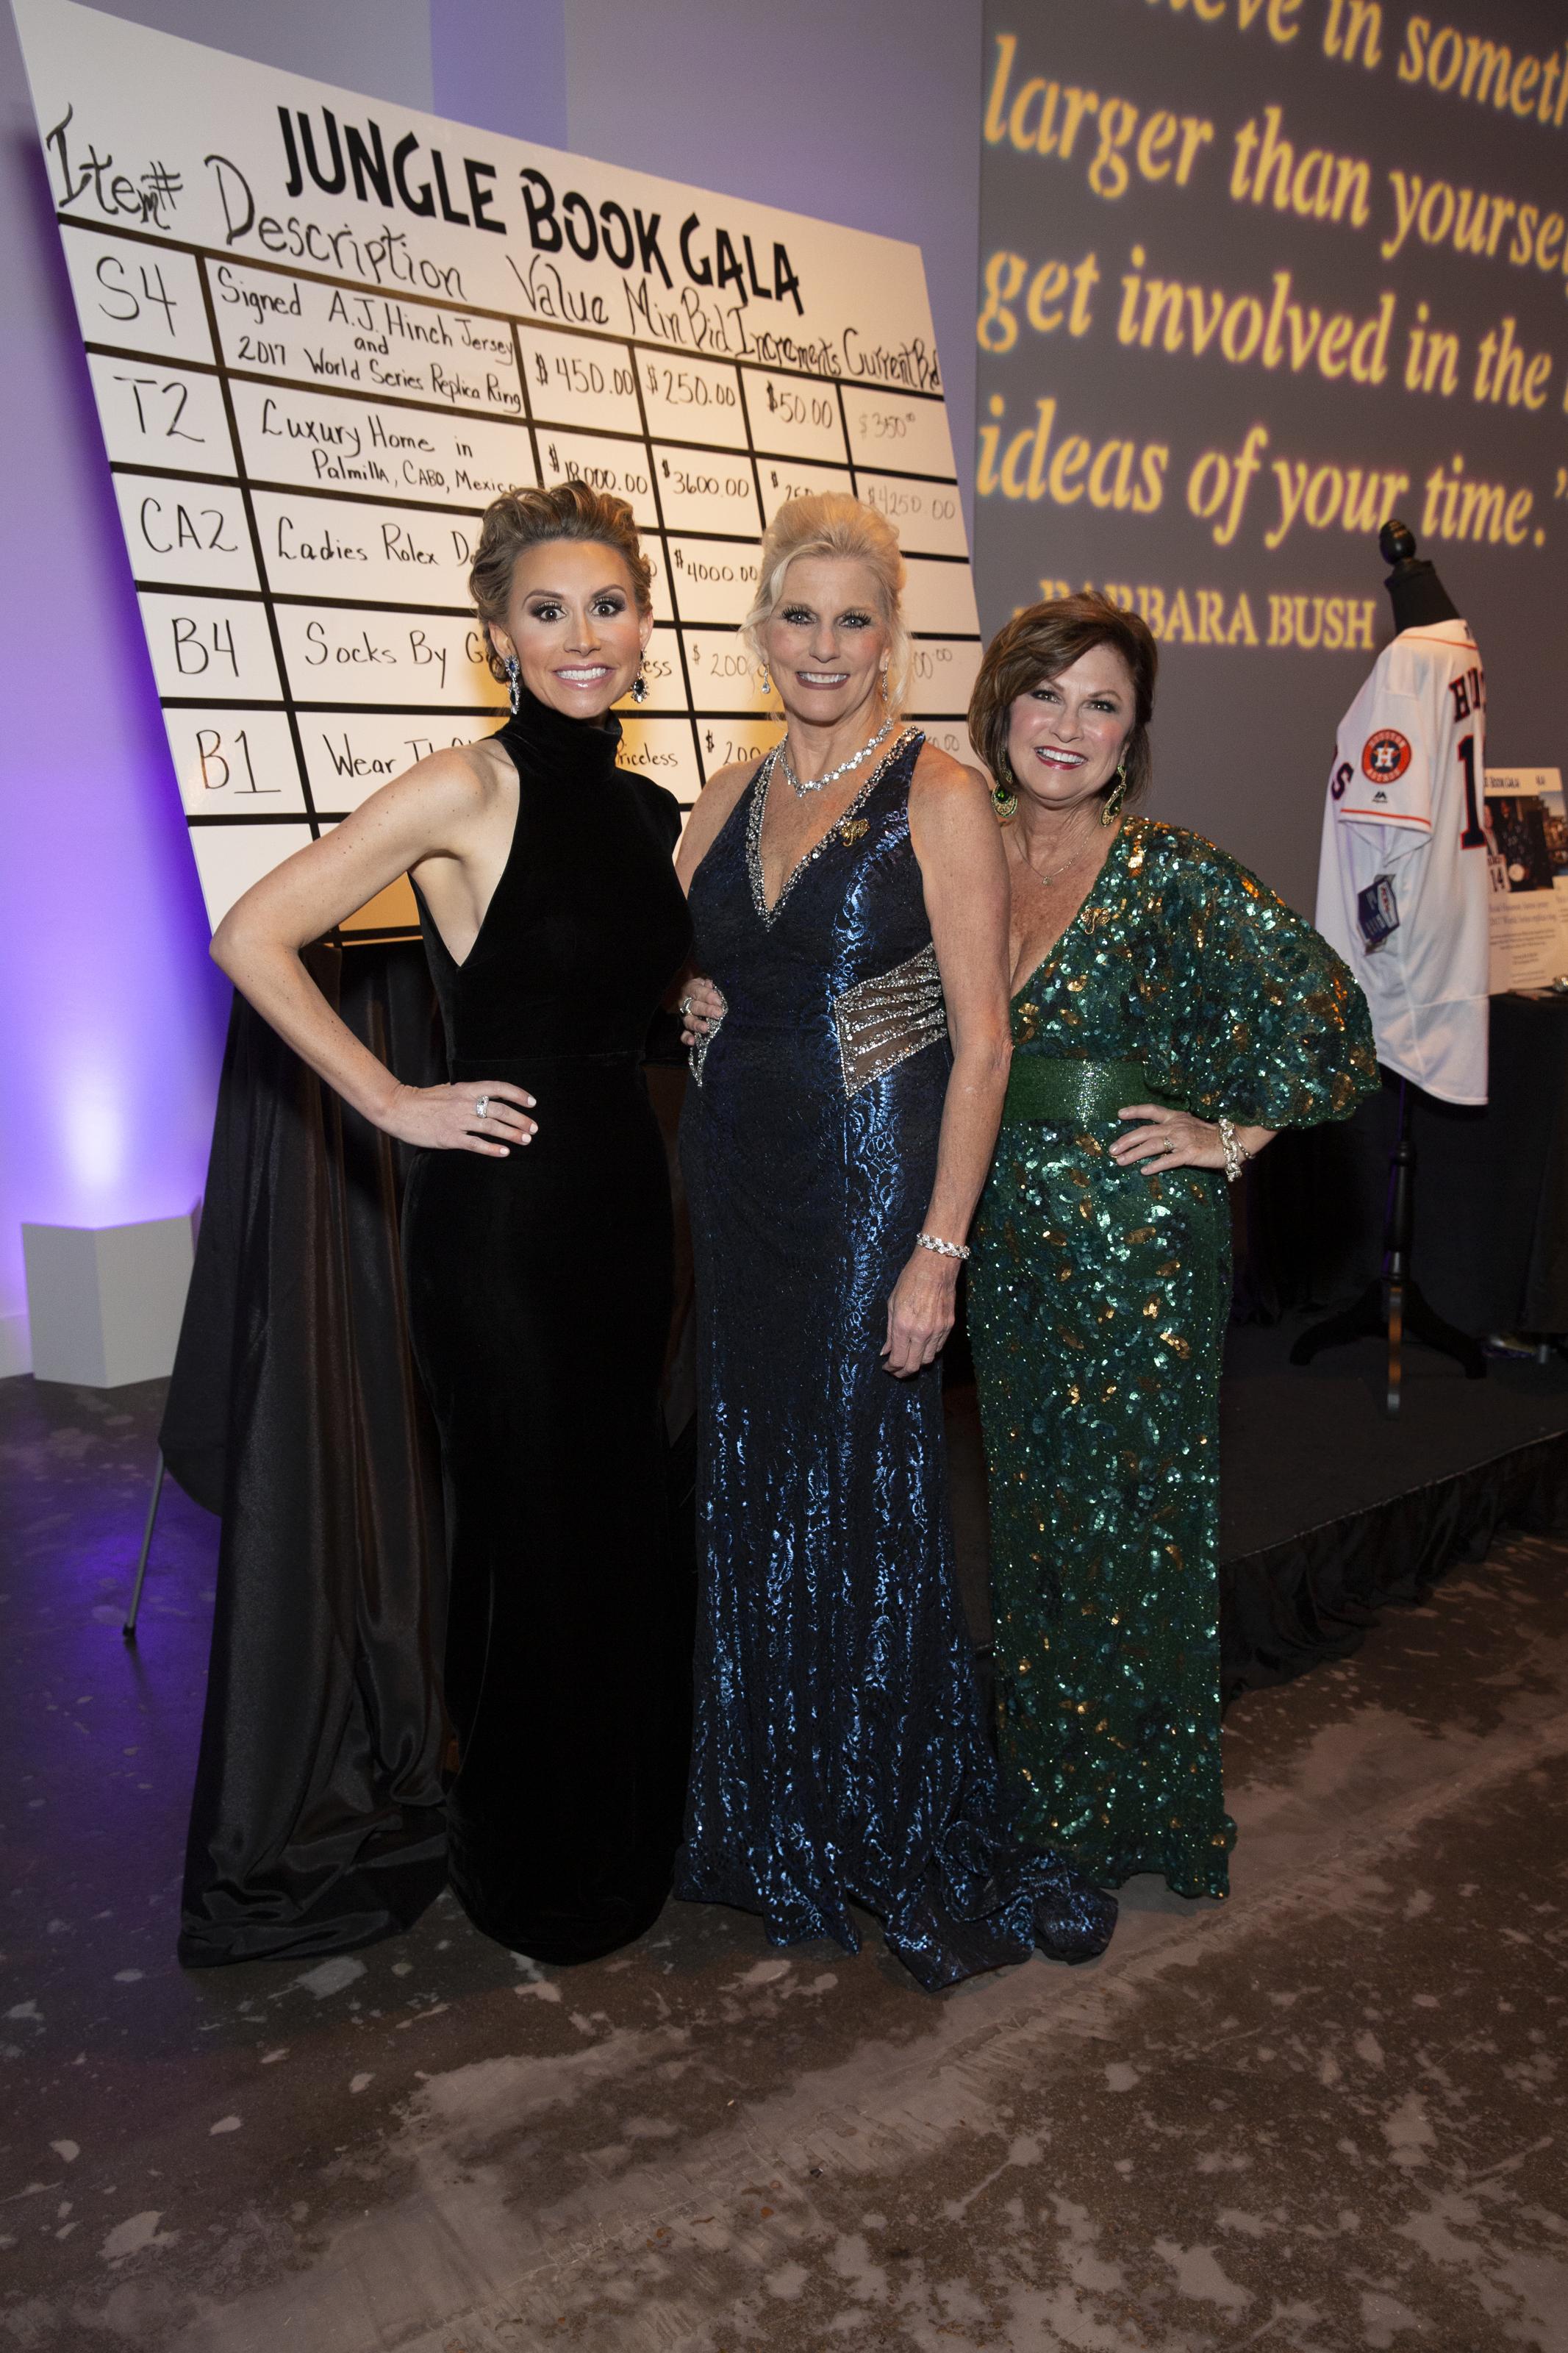 Meghan McCracken, Kristen Oesch Stubbs, Lisa Jakel; Photo by Jenny Antill.jpg